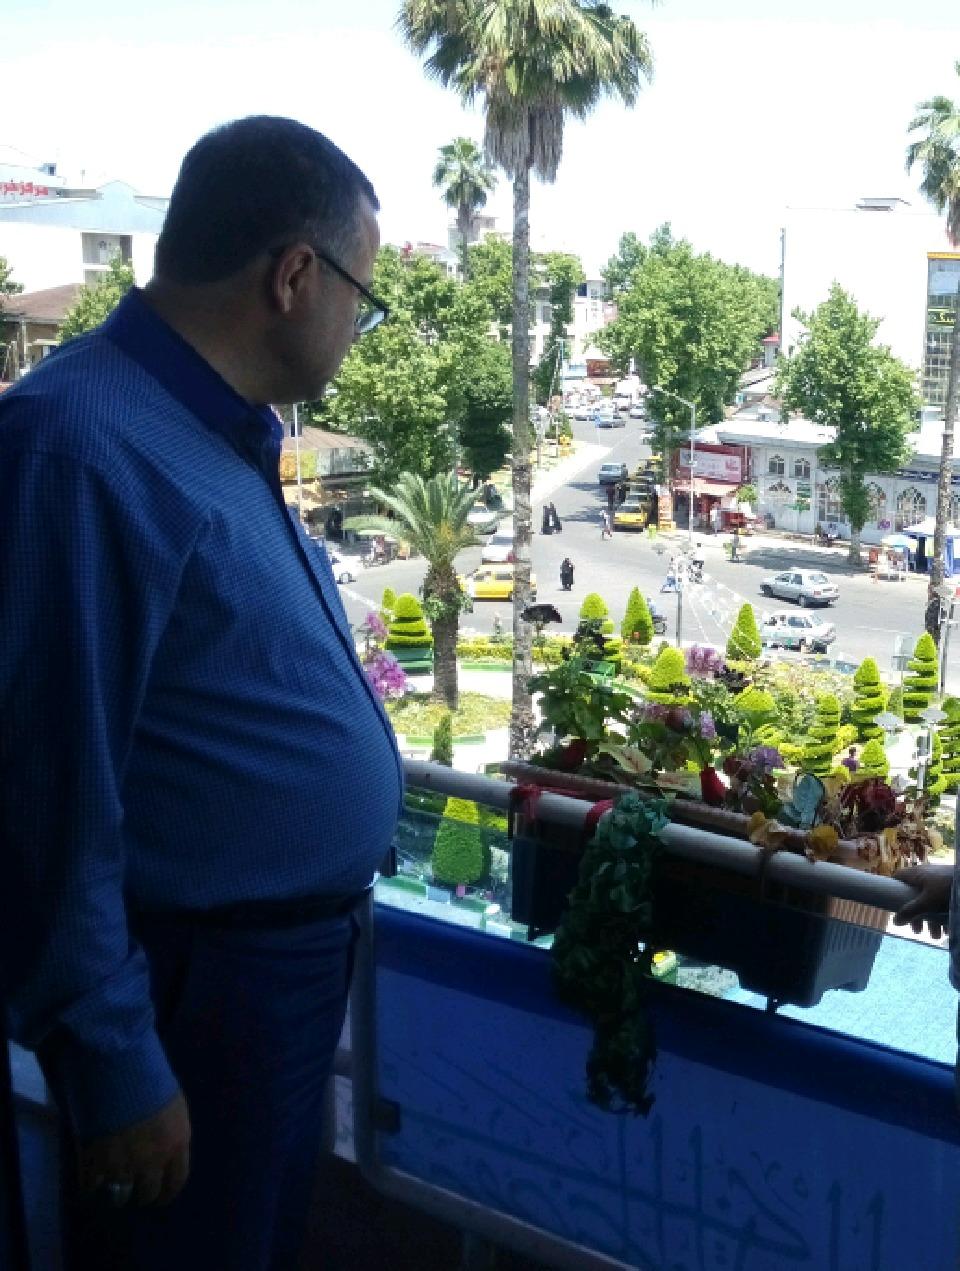 شهردار فومن استعفا داد/خواستم از دست شورا خلاص شوم/ آمادگی غلامنیا برای حضور در انتخابات